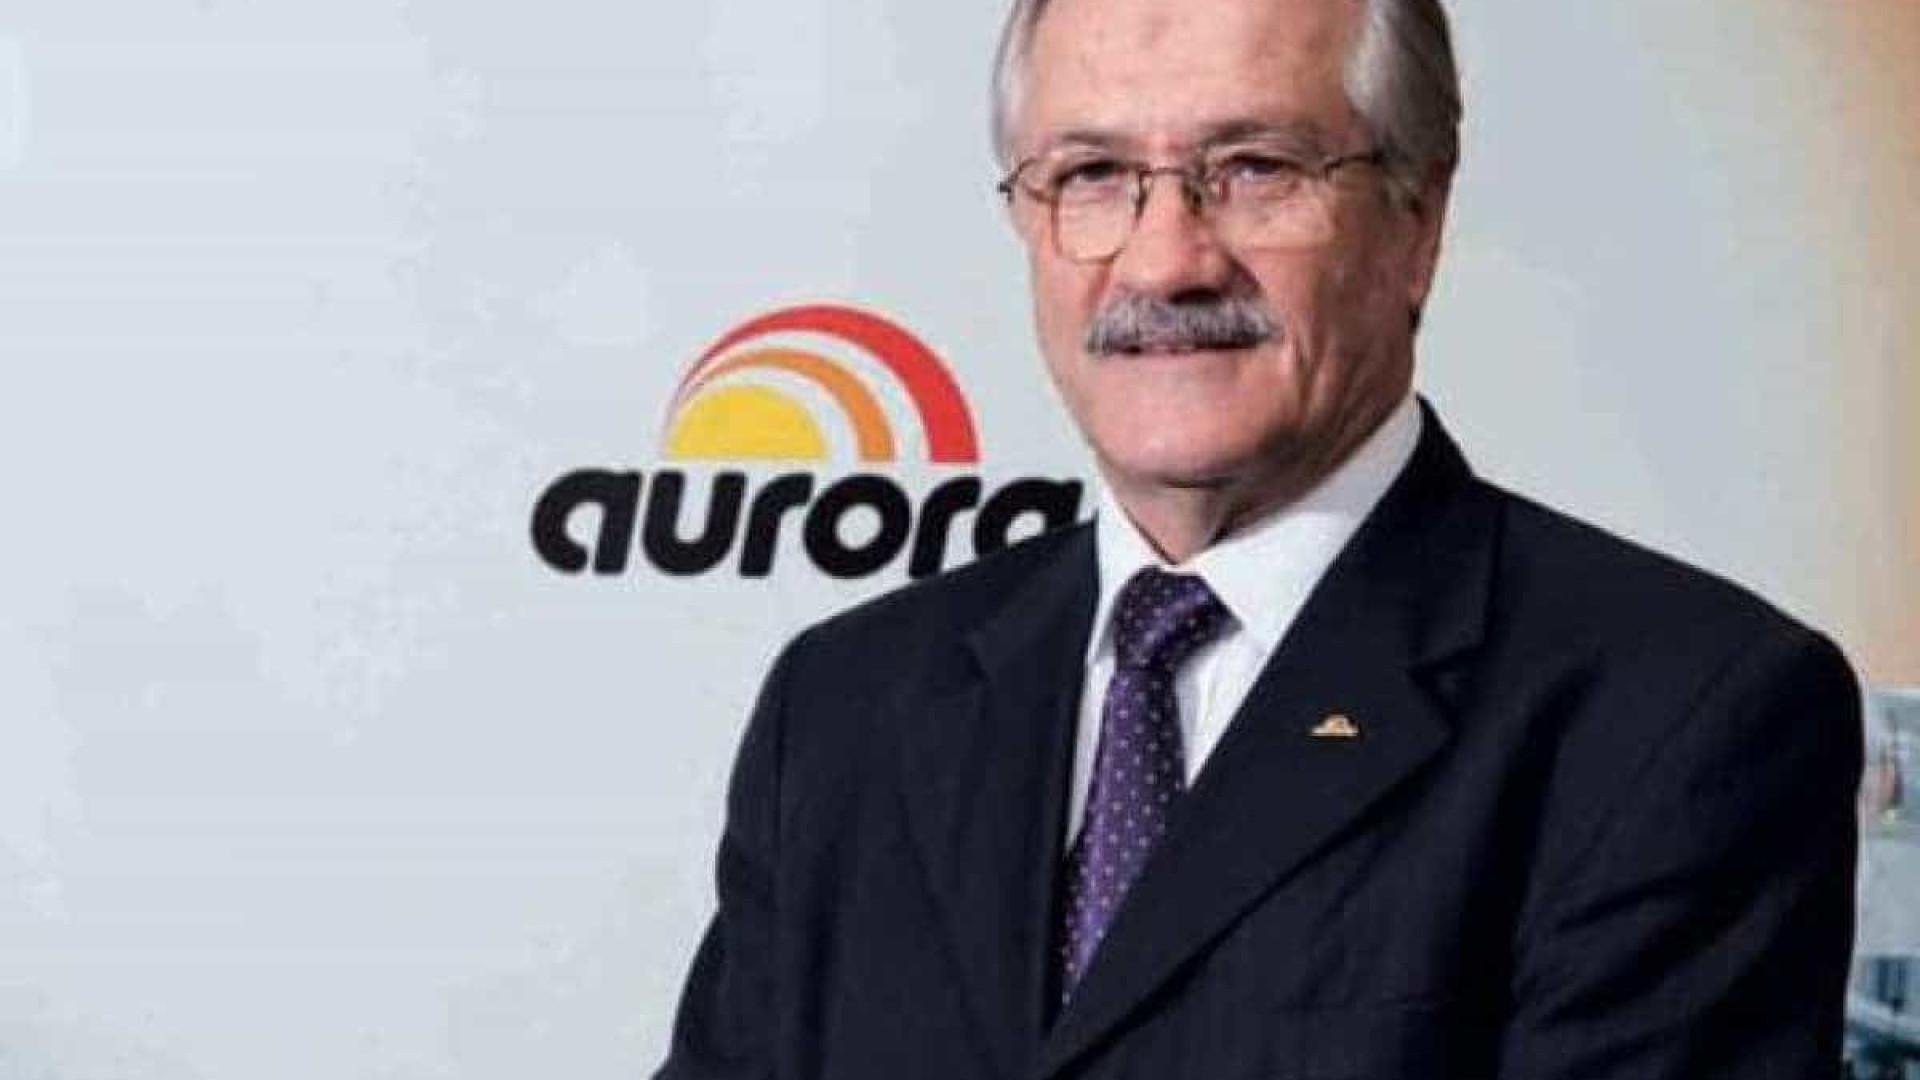 Morre o empresário Mário Lanznaster, presidente da Aurora Alimentos